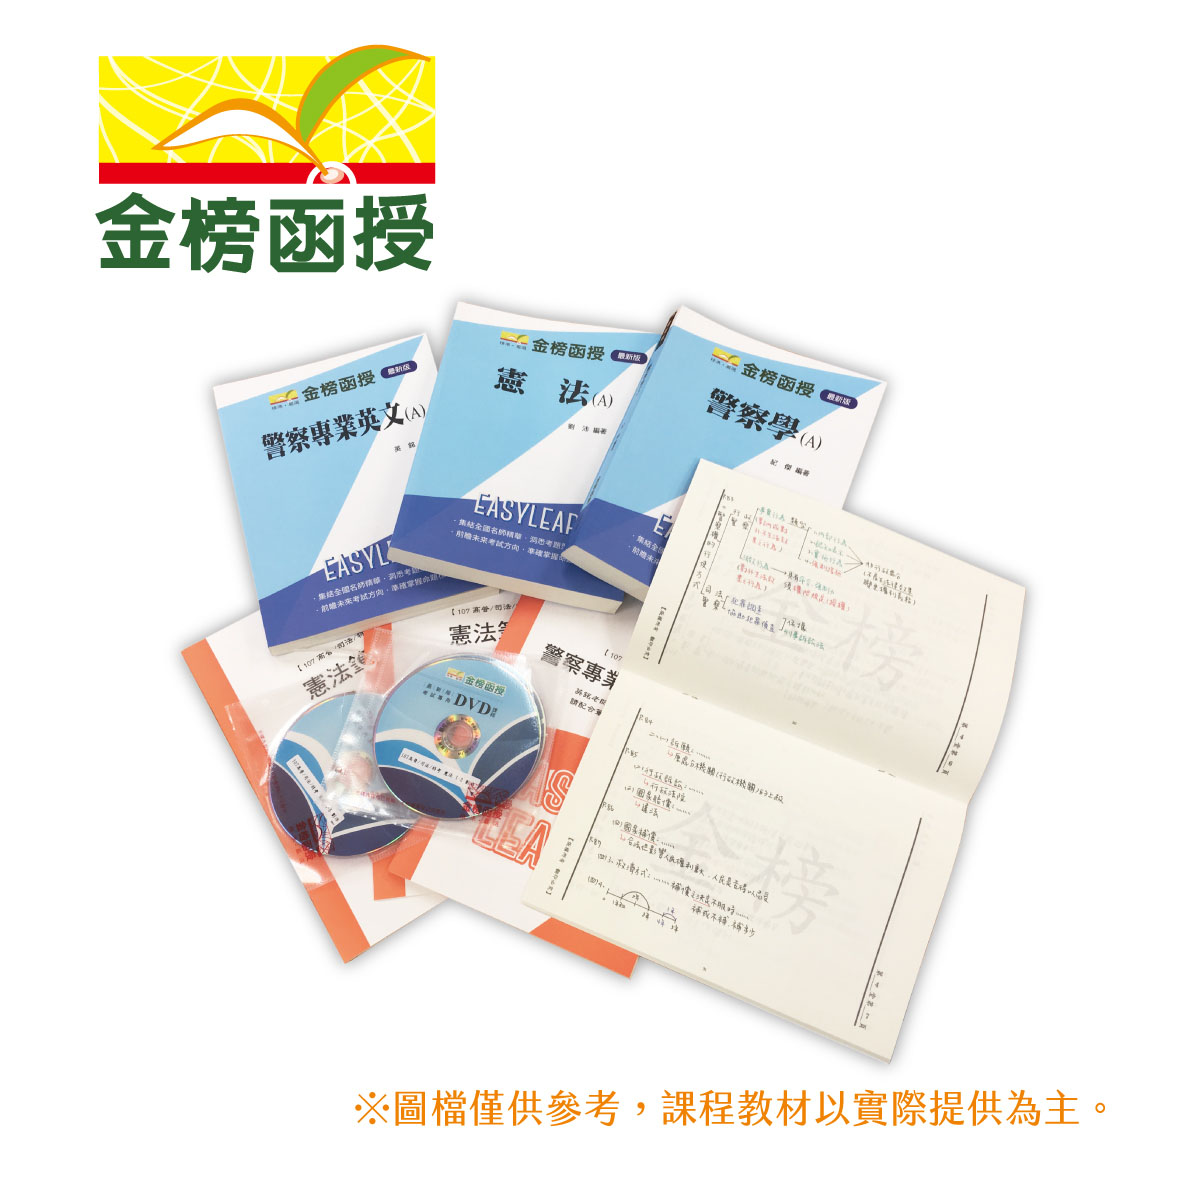 108金榜函授/初等考/全套/交通行政/MP3